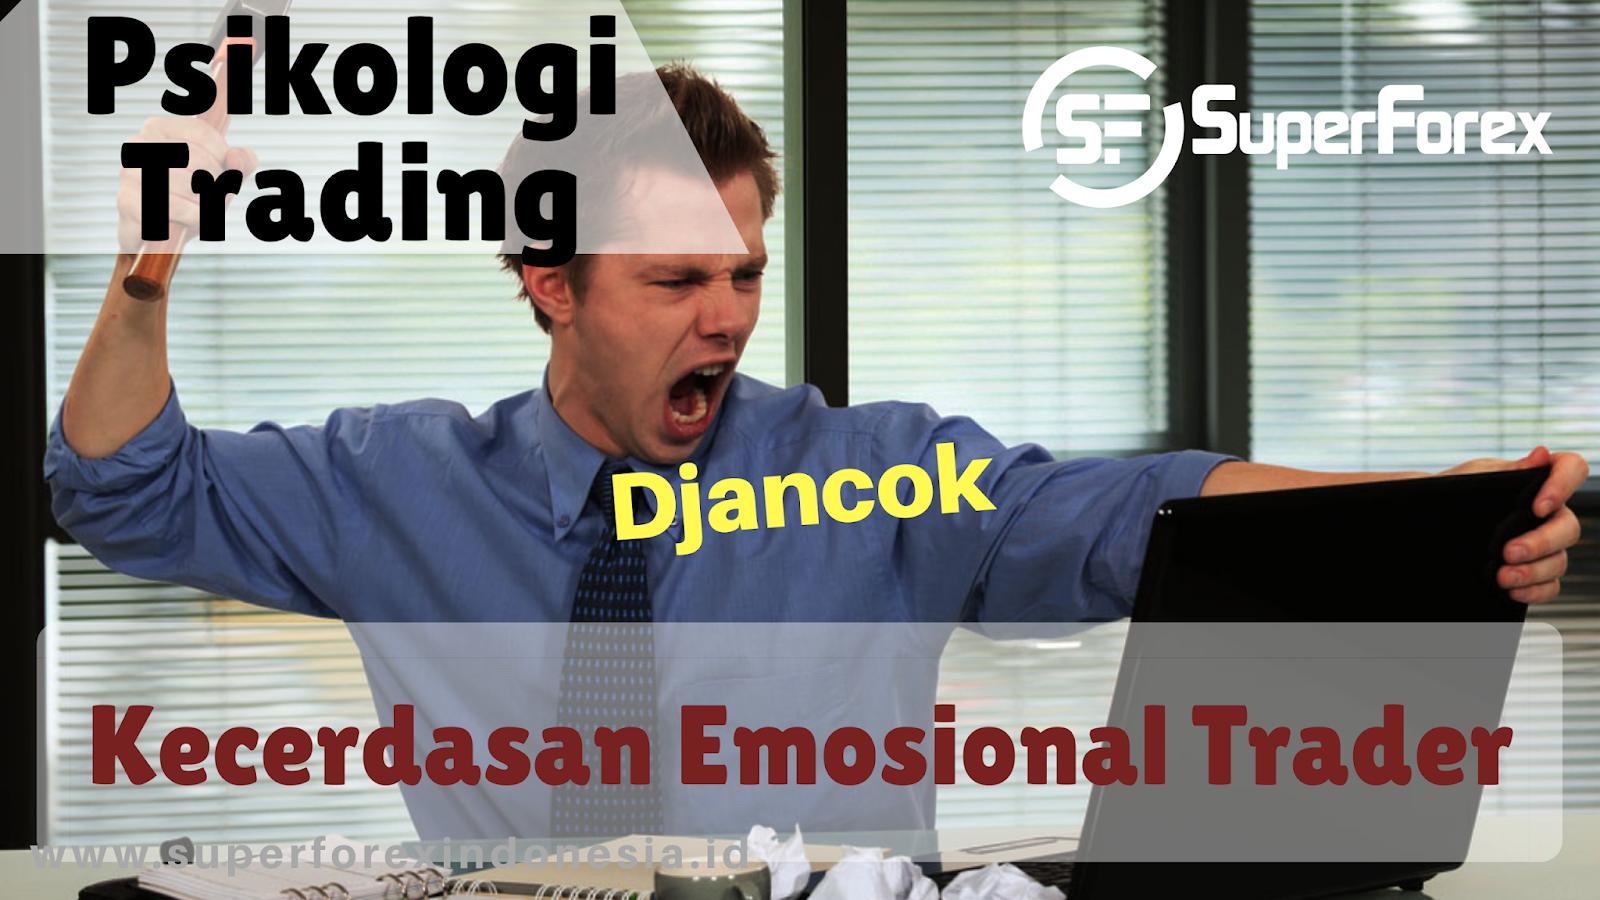 Kecerdasan Emosional Trader